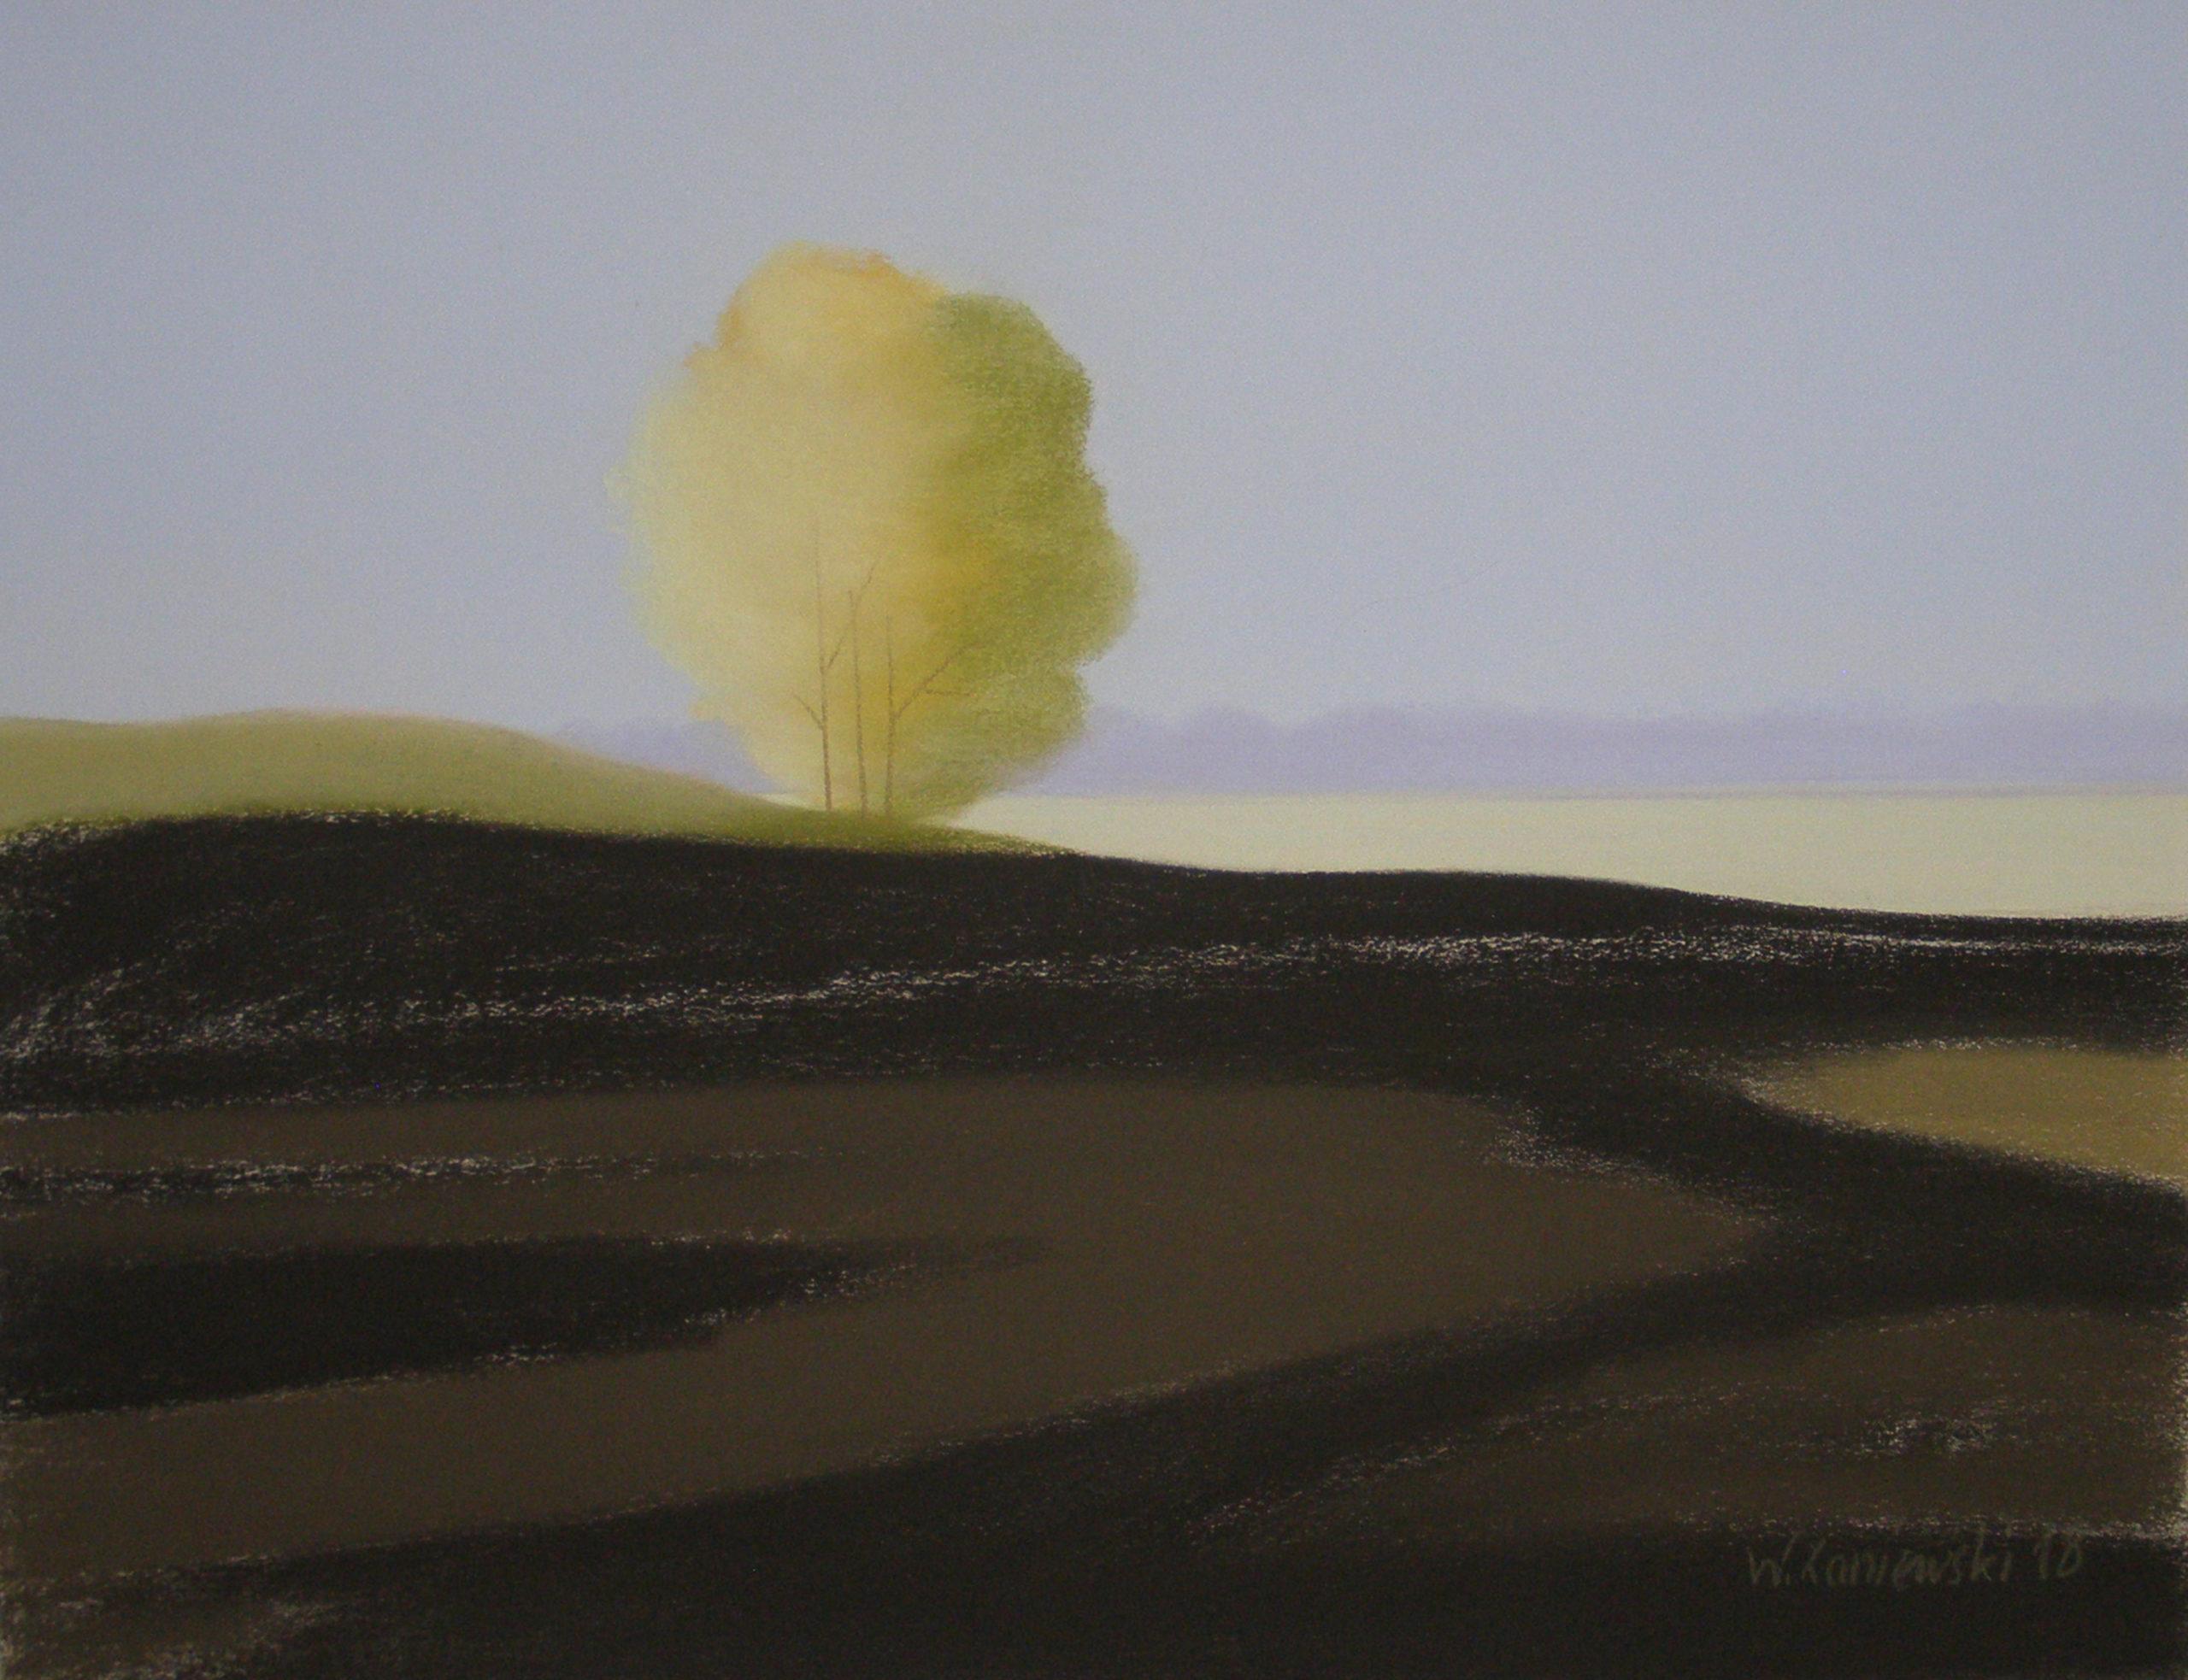 Pastel - z cyklu Łąki 2018, 49 x 64 cm